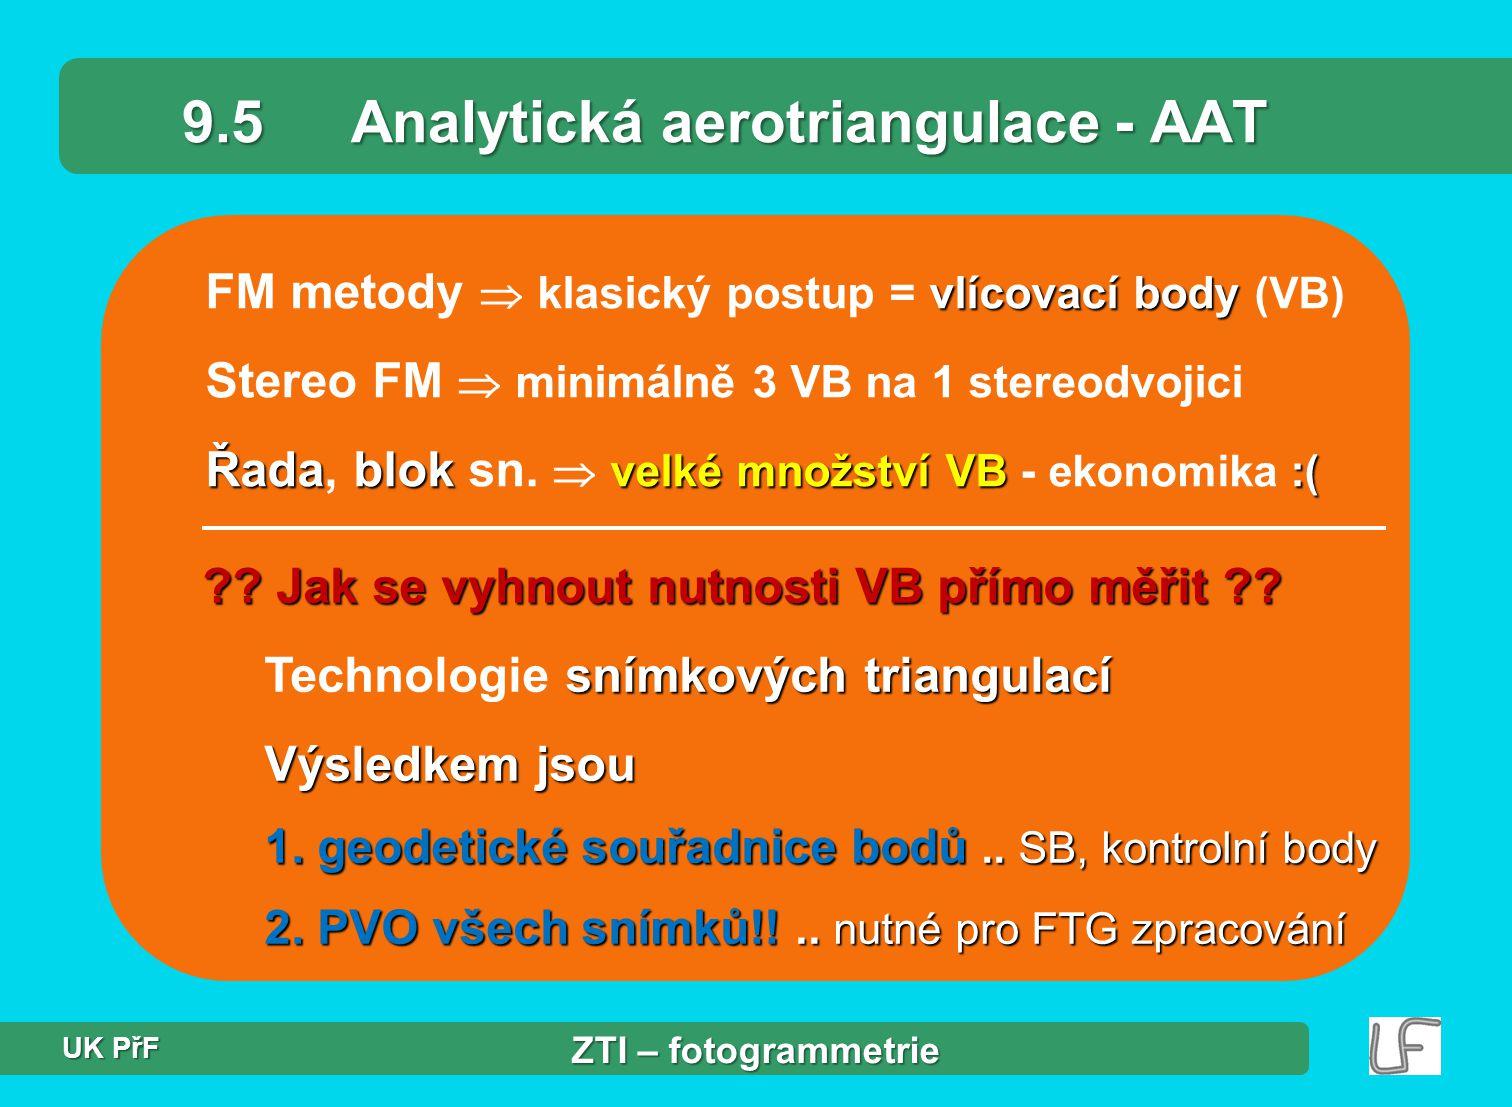 vlícovací body FM metody  klasický postup = vlícovací body (VB) Stereo FM  minimálně 3 VB na 1 stereodvojici Řadablok velké množství VB :( Řada, blok sn.